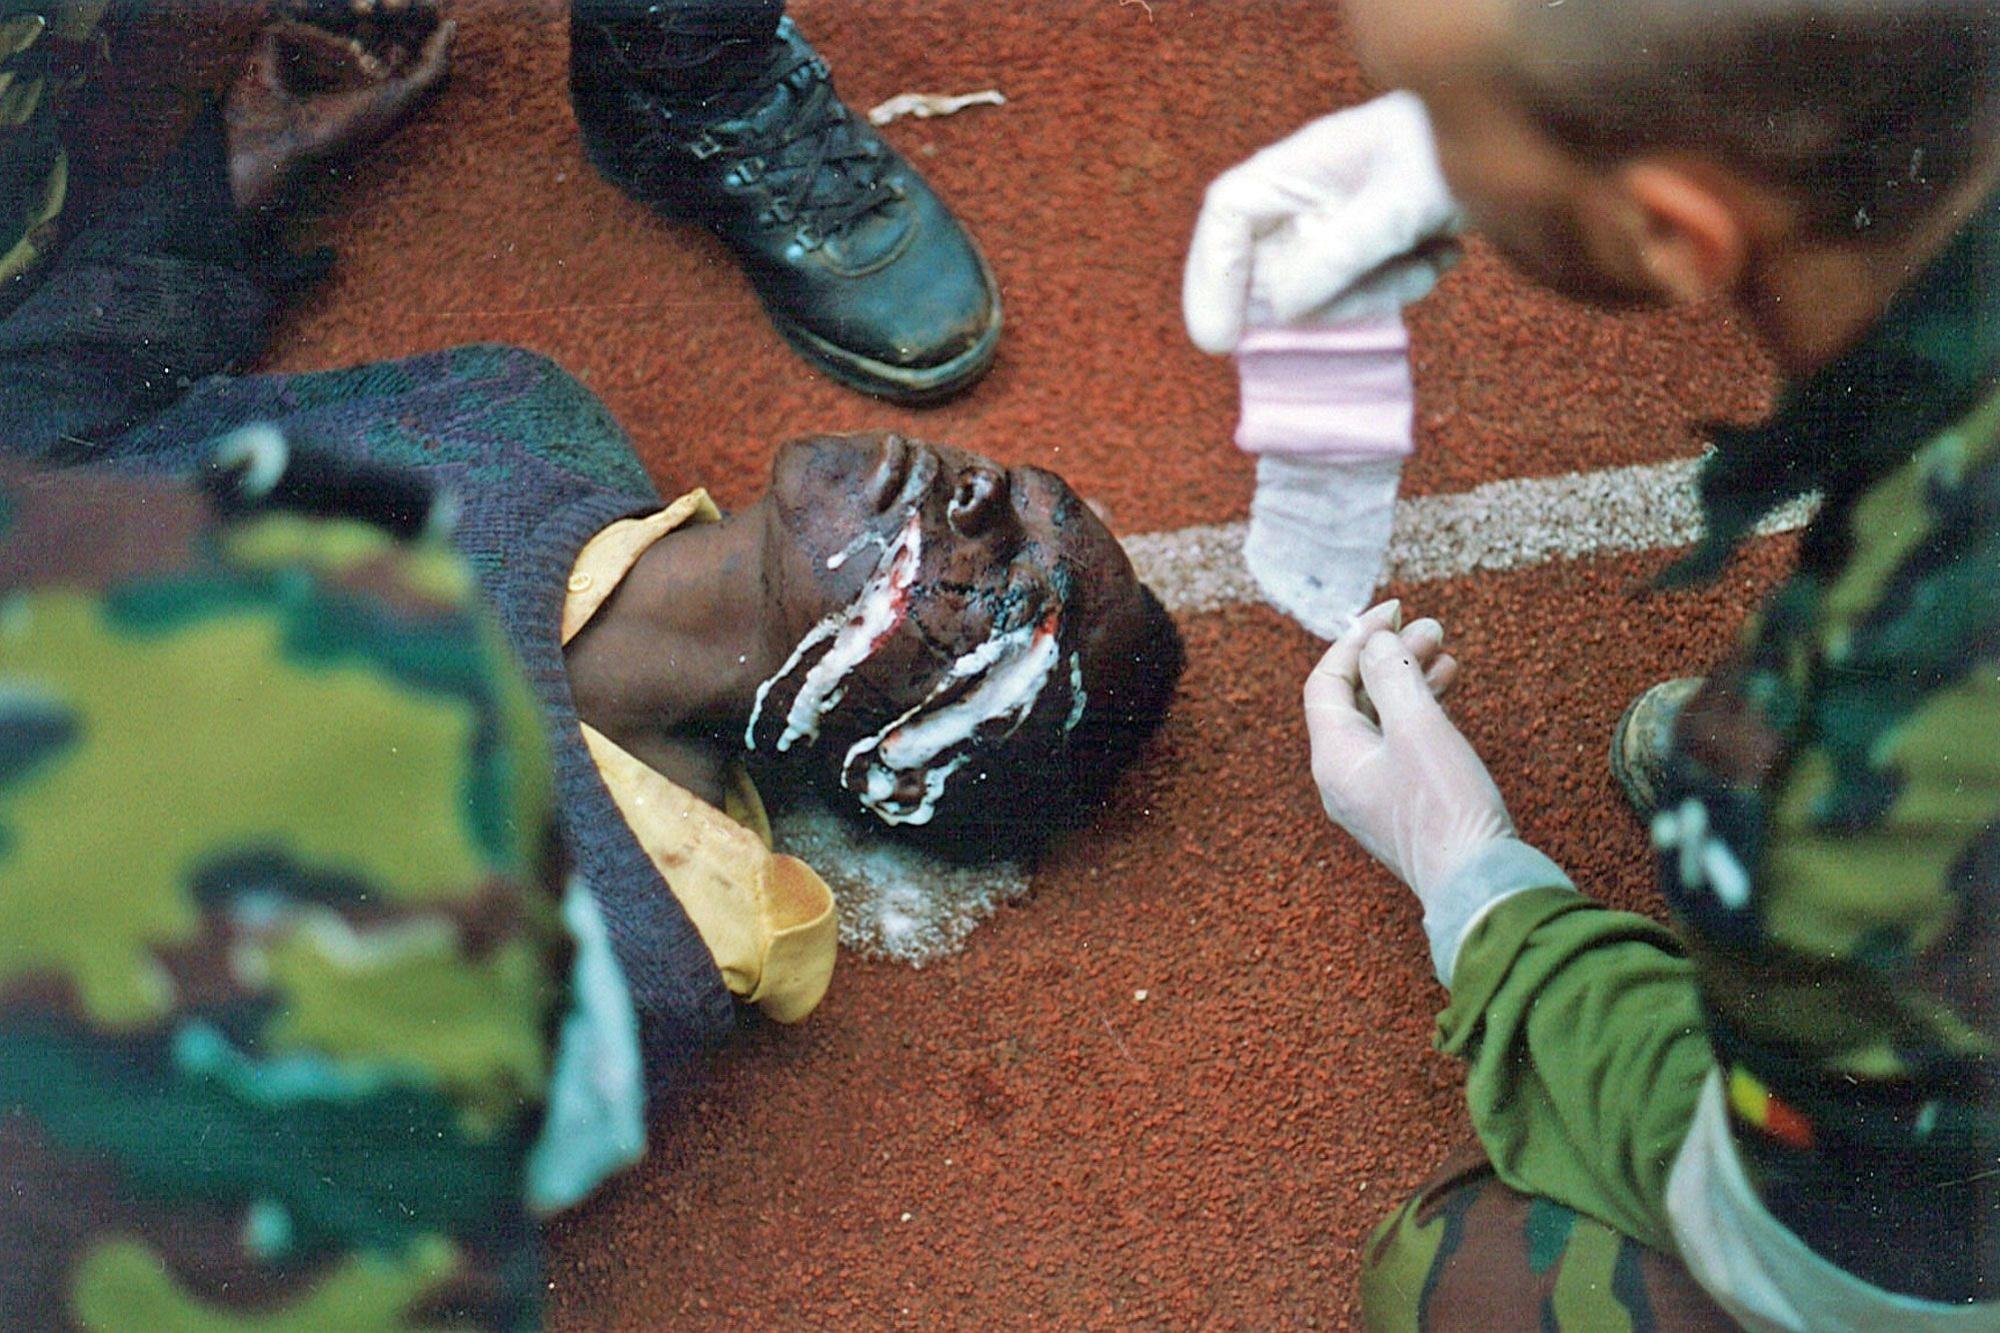 Premiers soins à une victime de miliciens génocidaires., JM Bouju